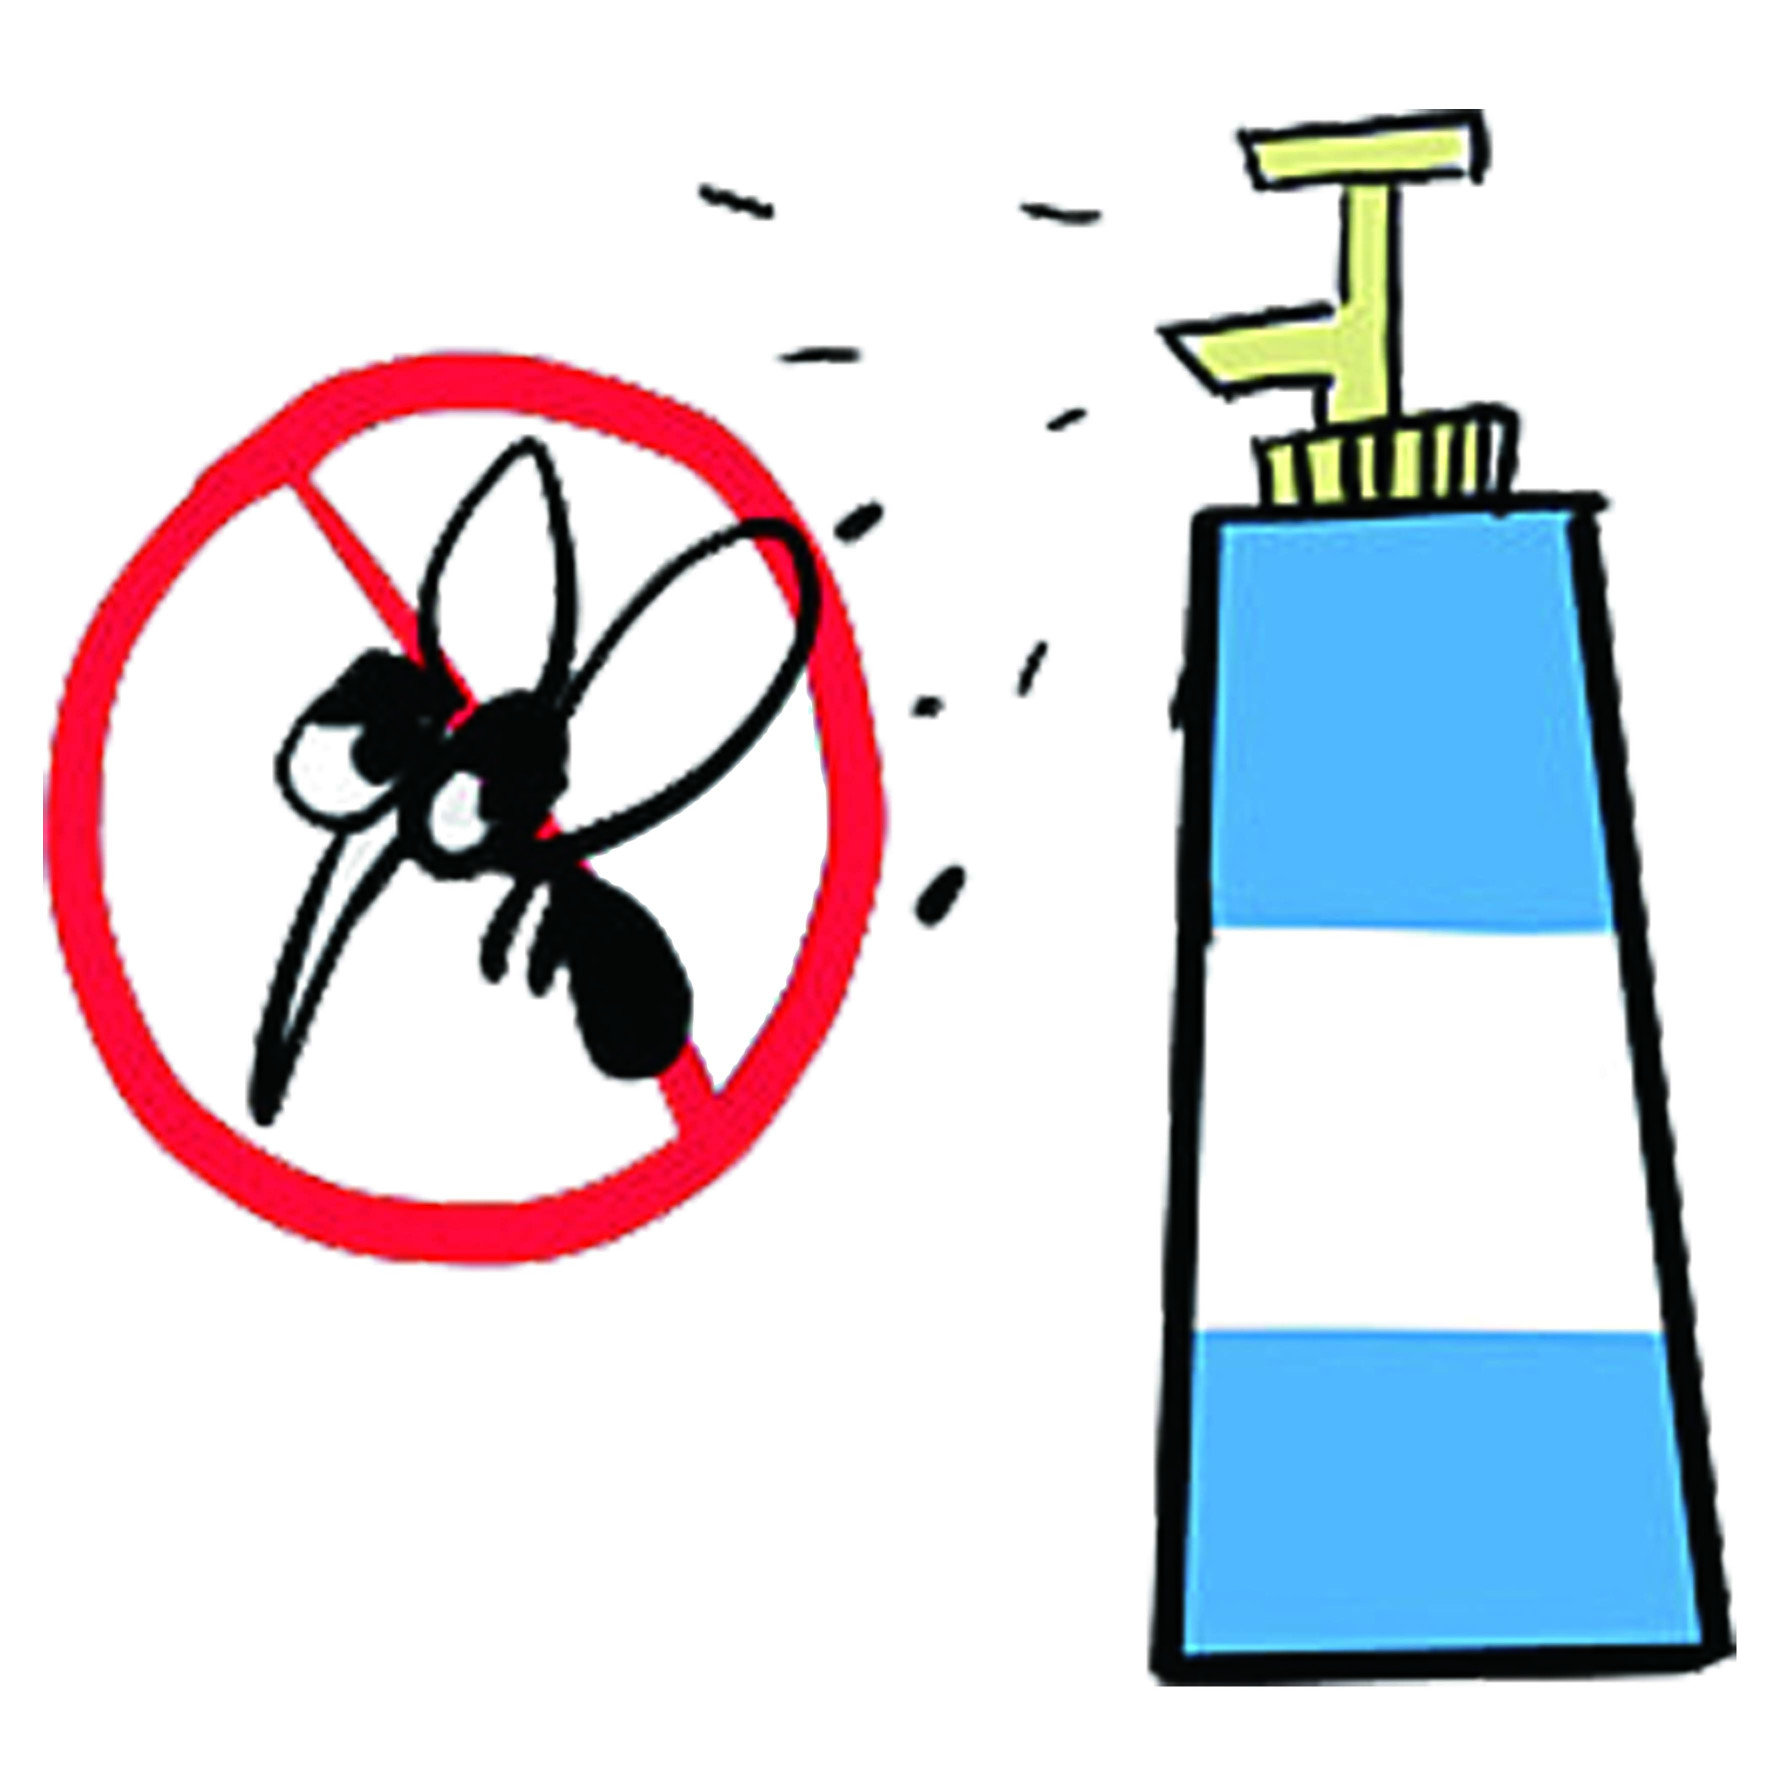 一般來說,果蠅多半繞著生鮮蔬菜水果盤旋,但更多時候有些我們不太注意的小角落,例如沒有清洗乾淨的罐頭、尚有殘餘液體的飲料罐等等,都會成為果蠅進駐的區域。 潔肯除蟲公司